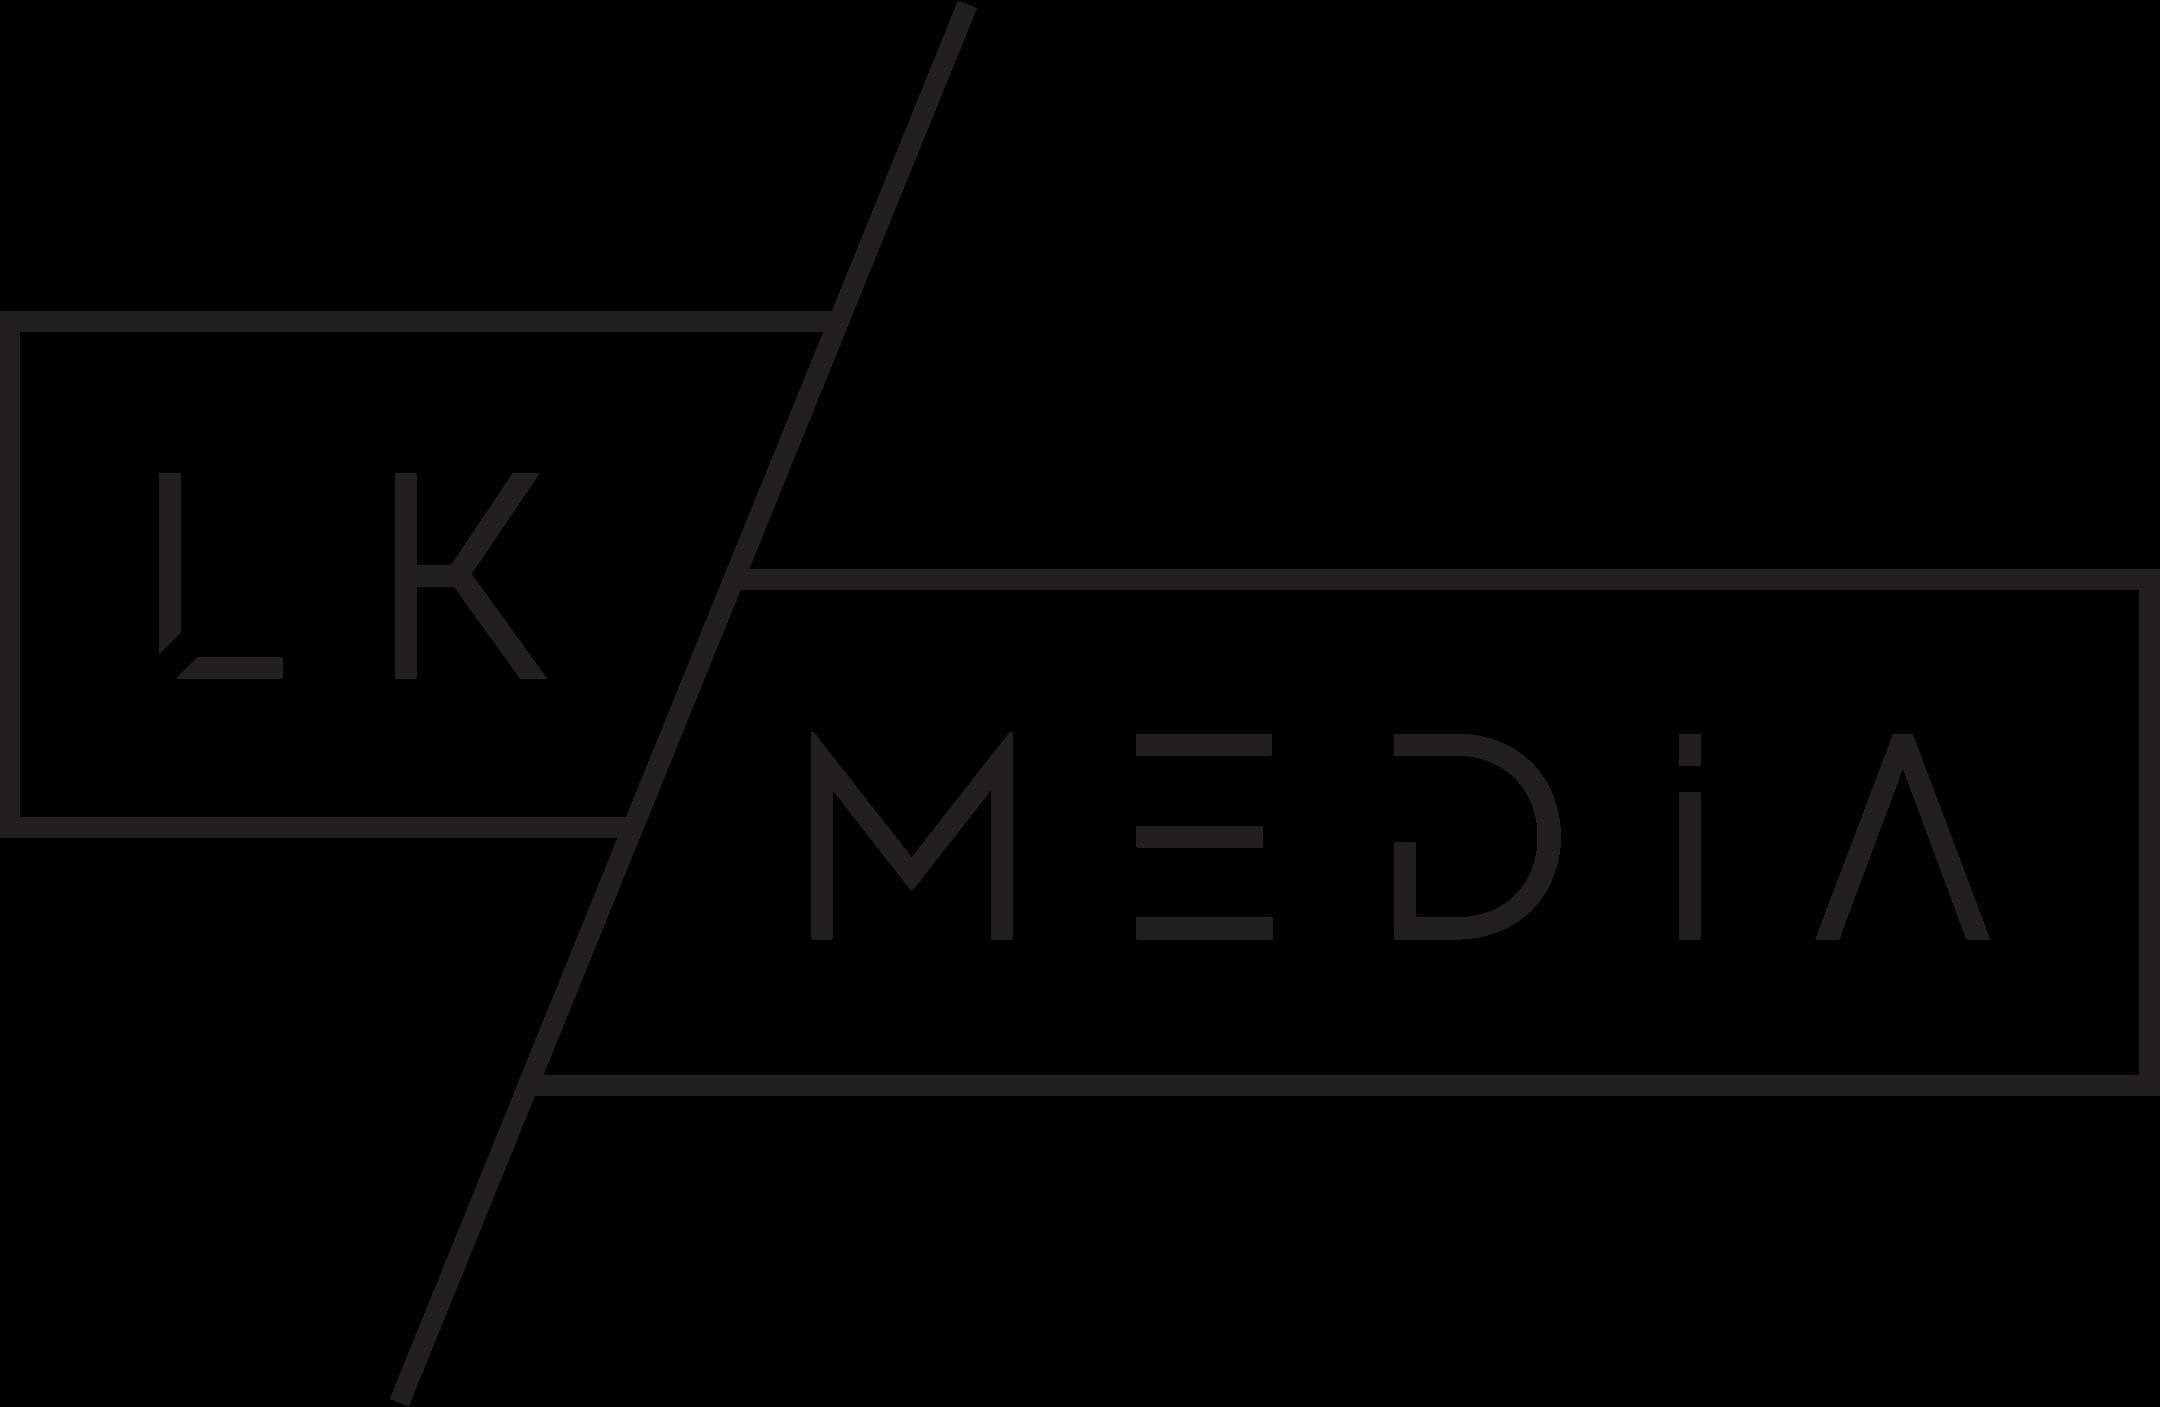 LK Media